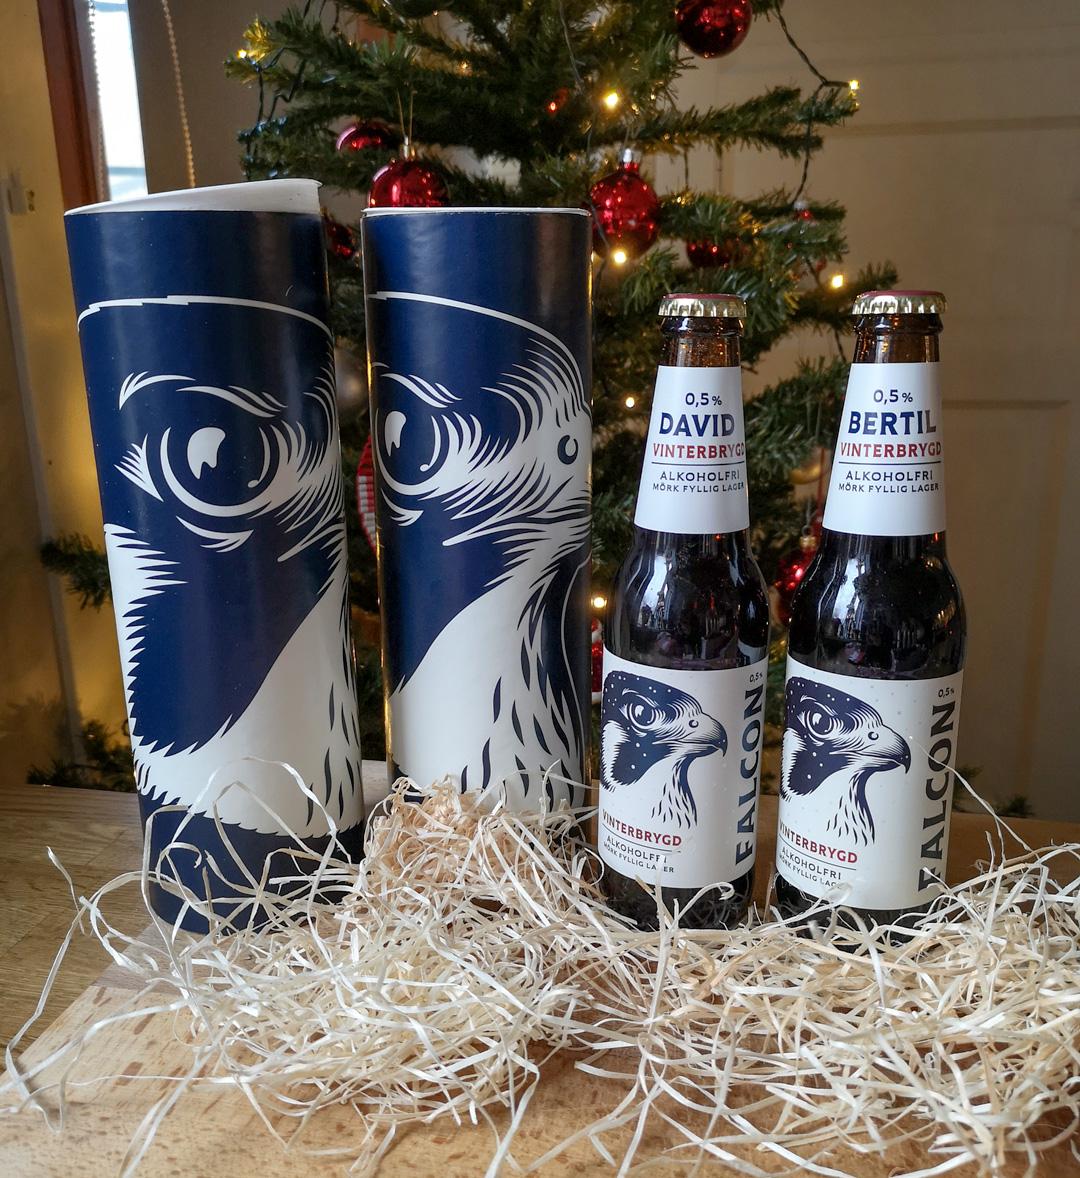 flaskpost falcon vinterbrygd alkoholfri